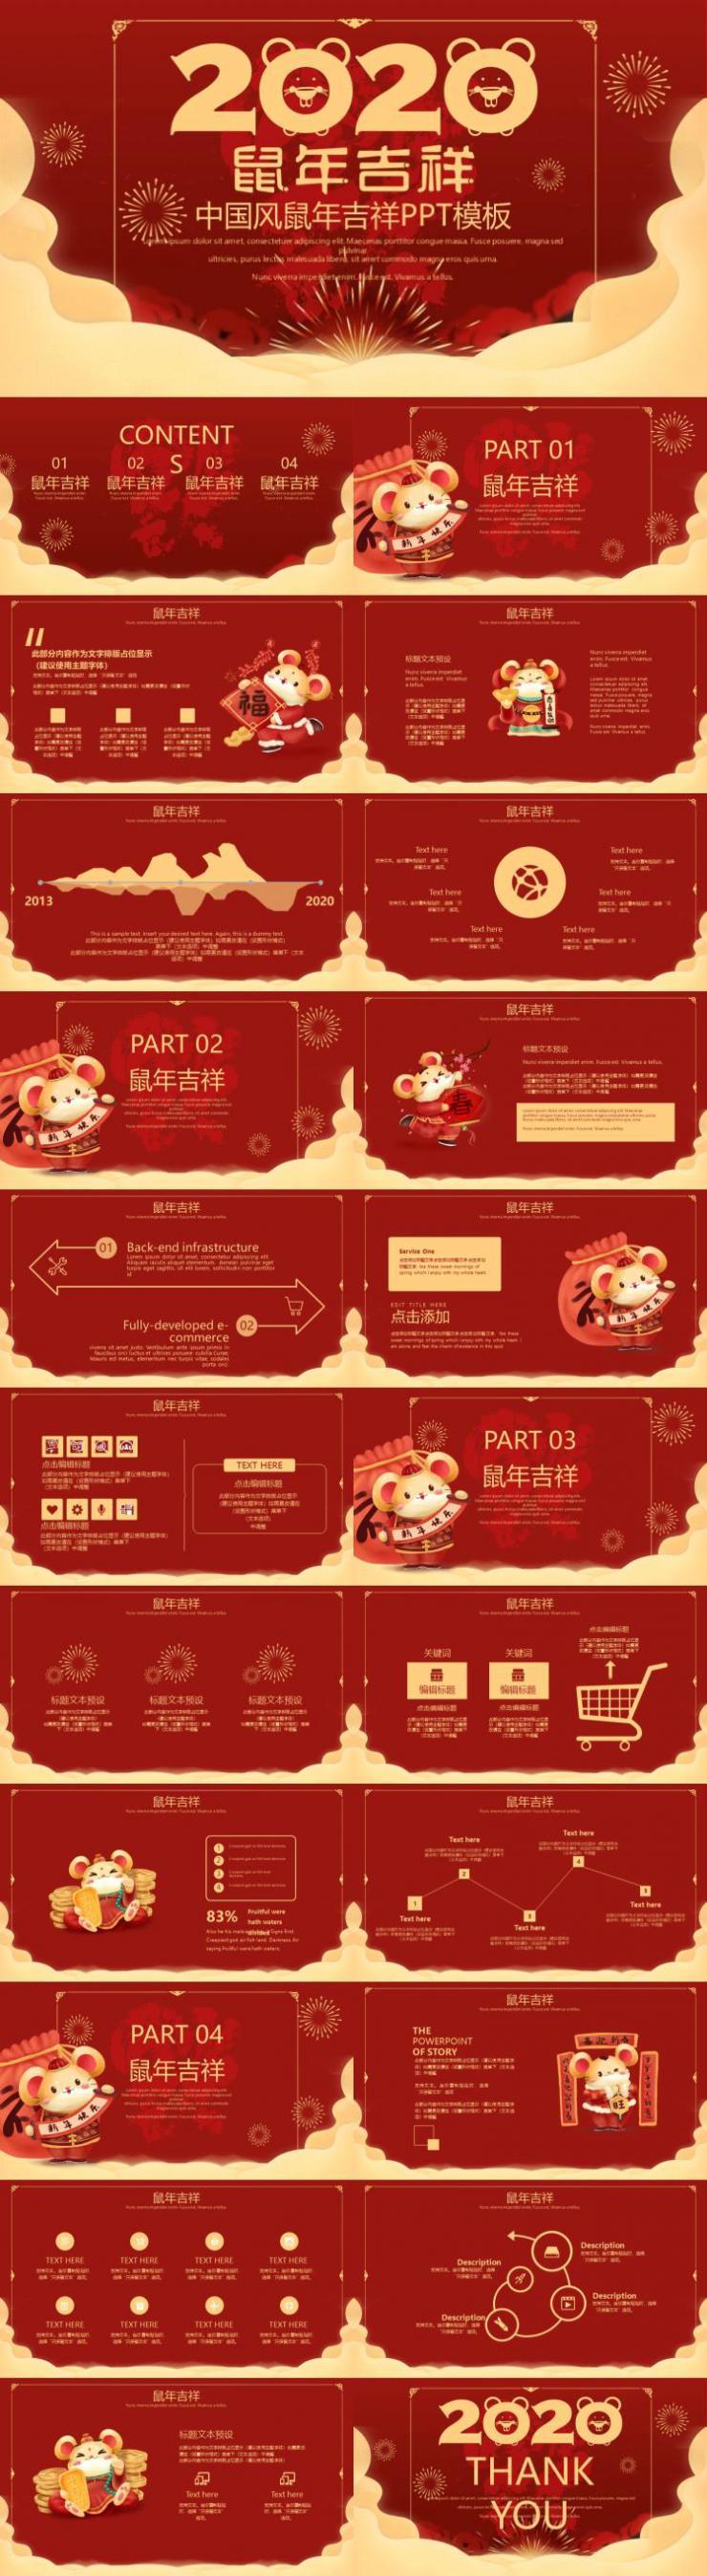 2020中国风鼠年吉祥年快乐PPT模板